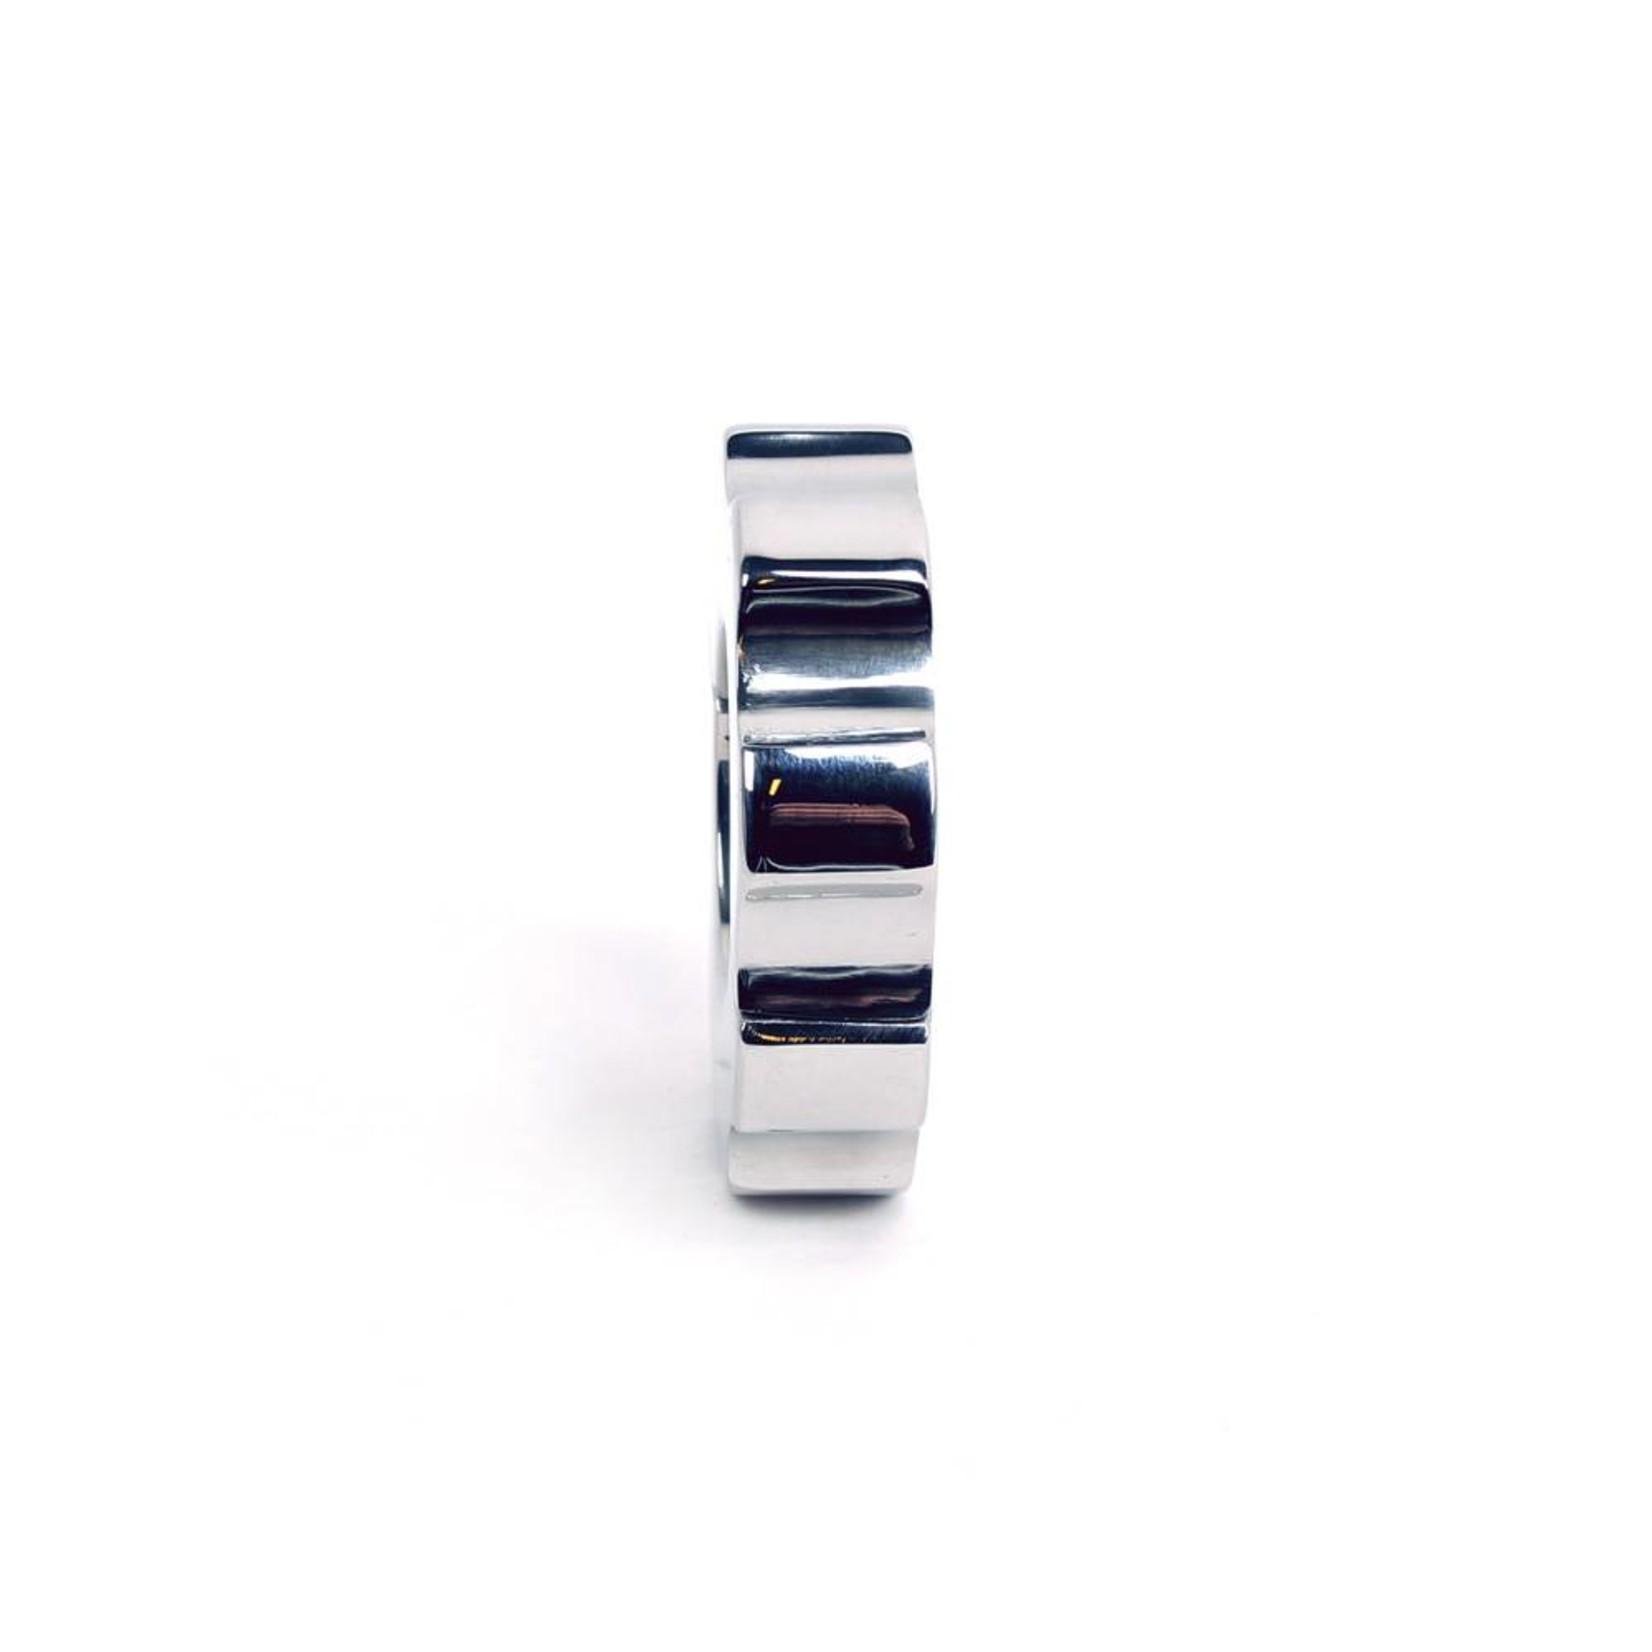 KIOTOS Steel Cog Ball Stretcher Weight - 33mm